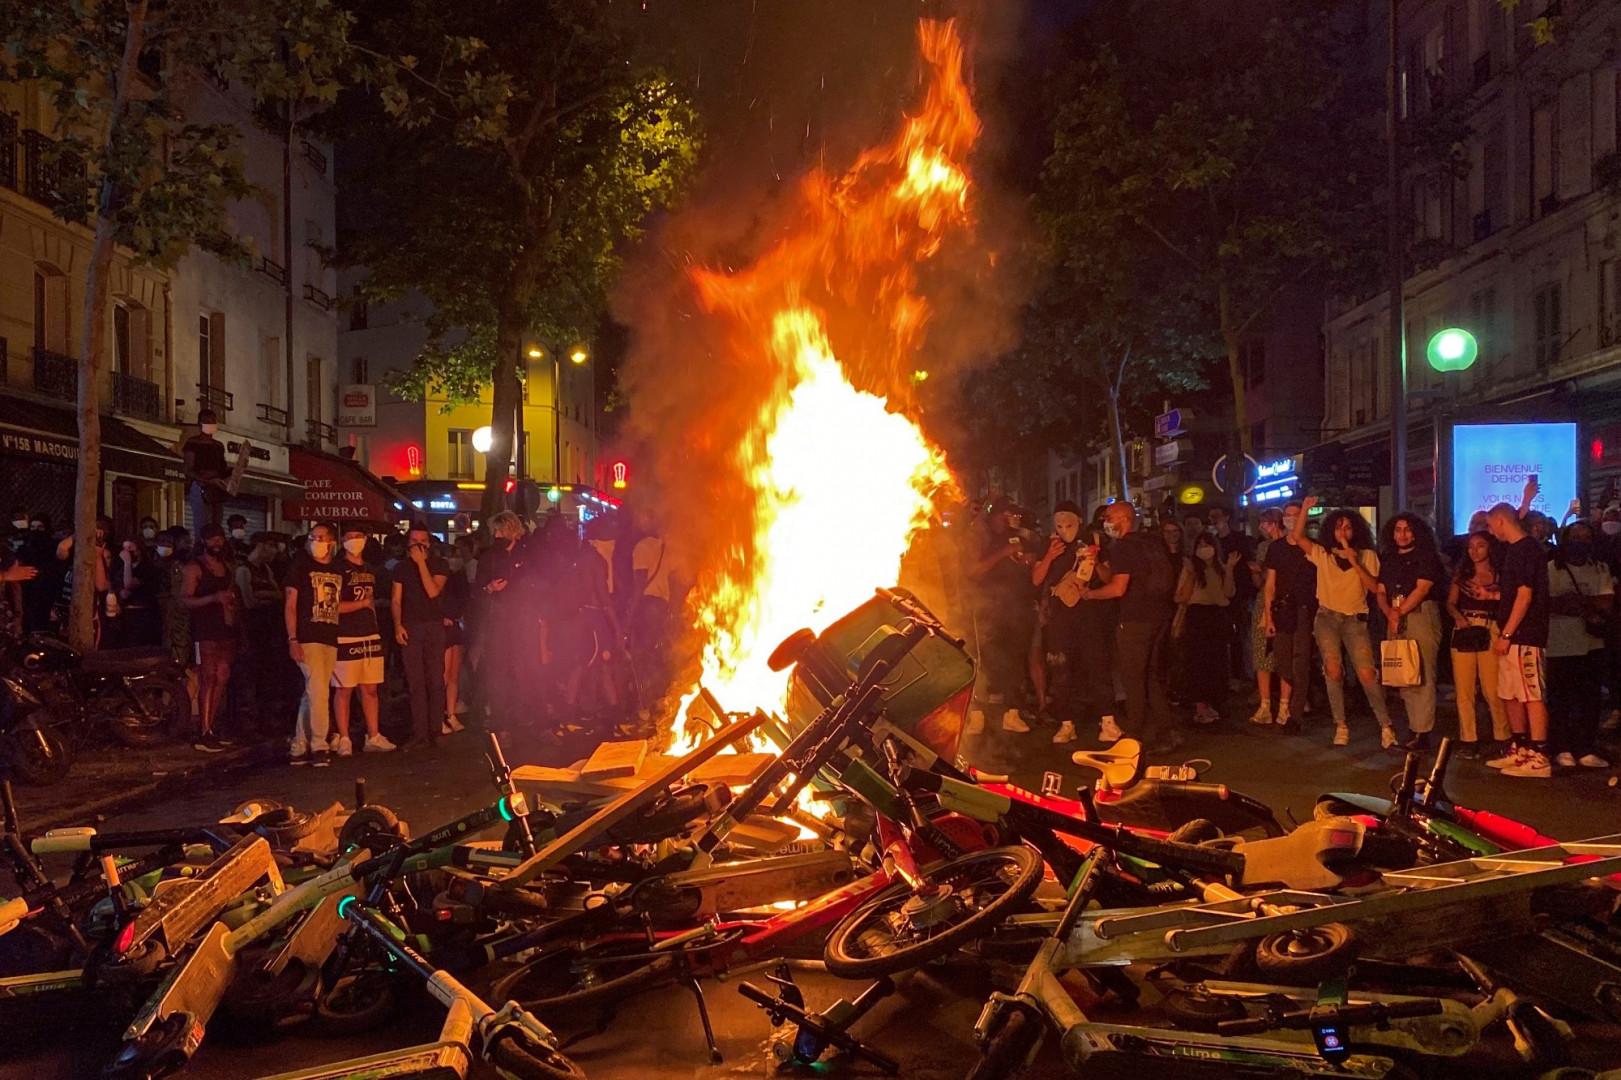 Des incendies ont eu lieu à Paris, dans la nuit de mardi à mercredi, après la manifestation qui s'est tenue devant le tribunal de Paris.